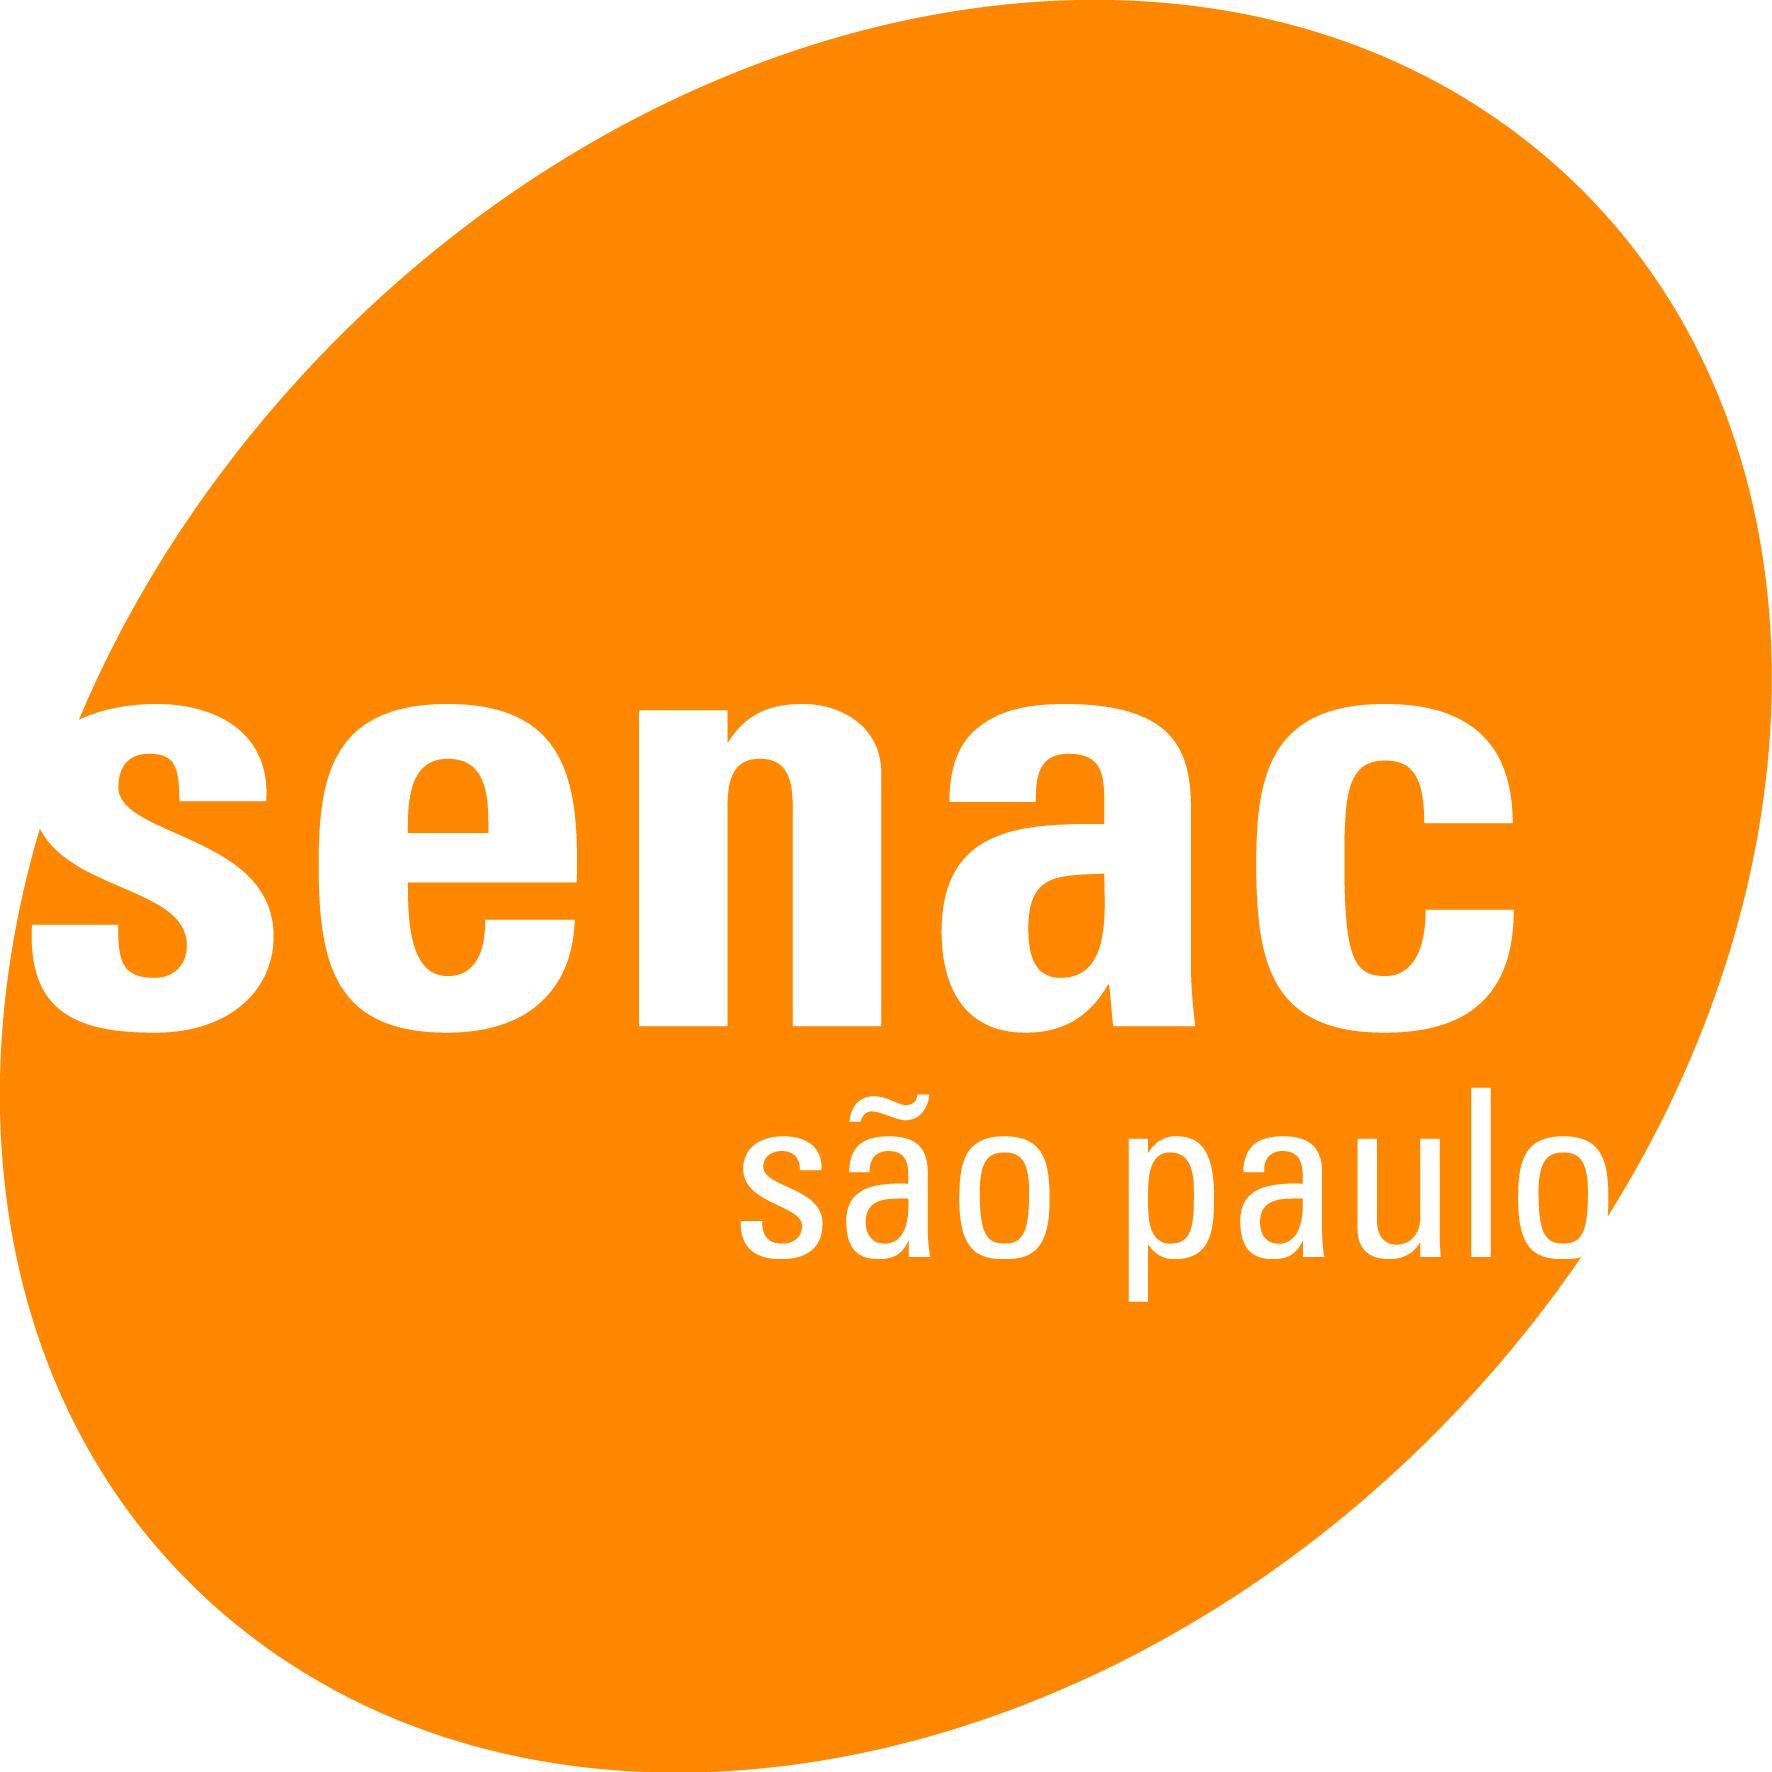 Cursos de Gastronomia No SENAC São Paulo 2013 – Cursos, Inscrições, Taxas